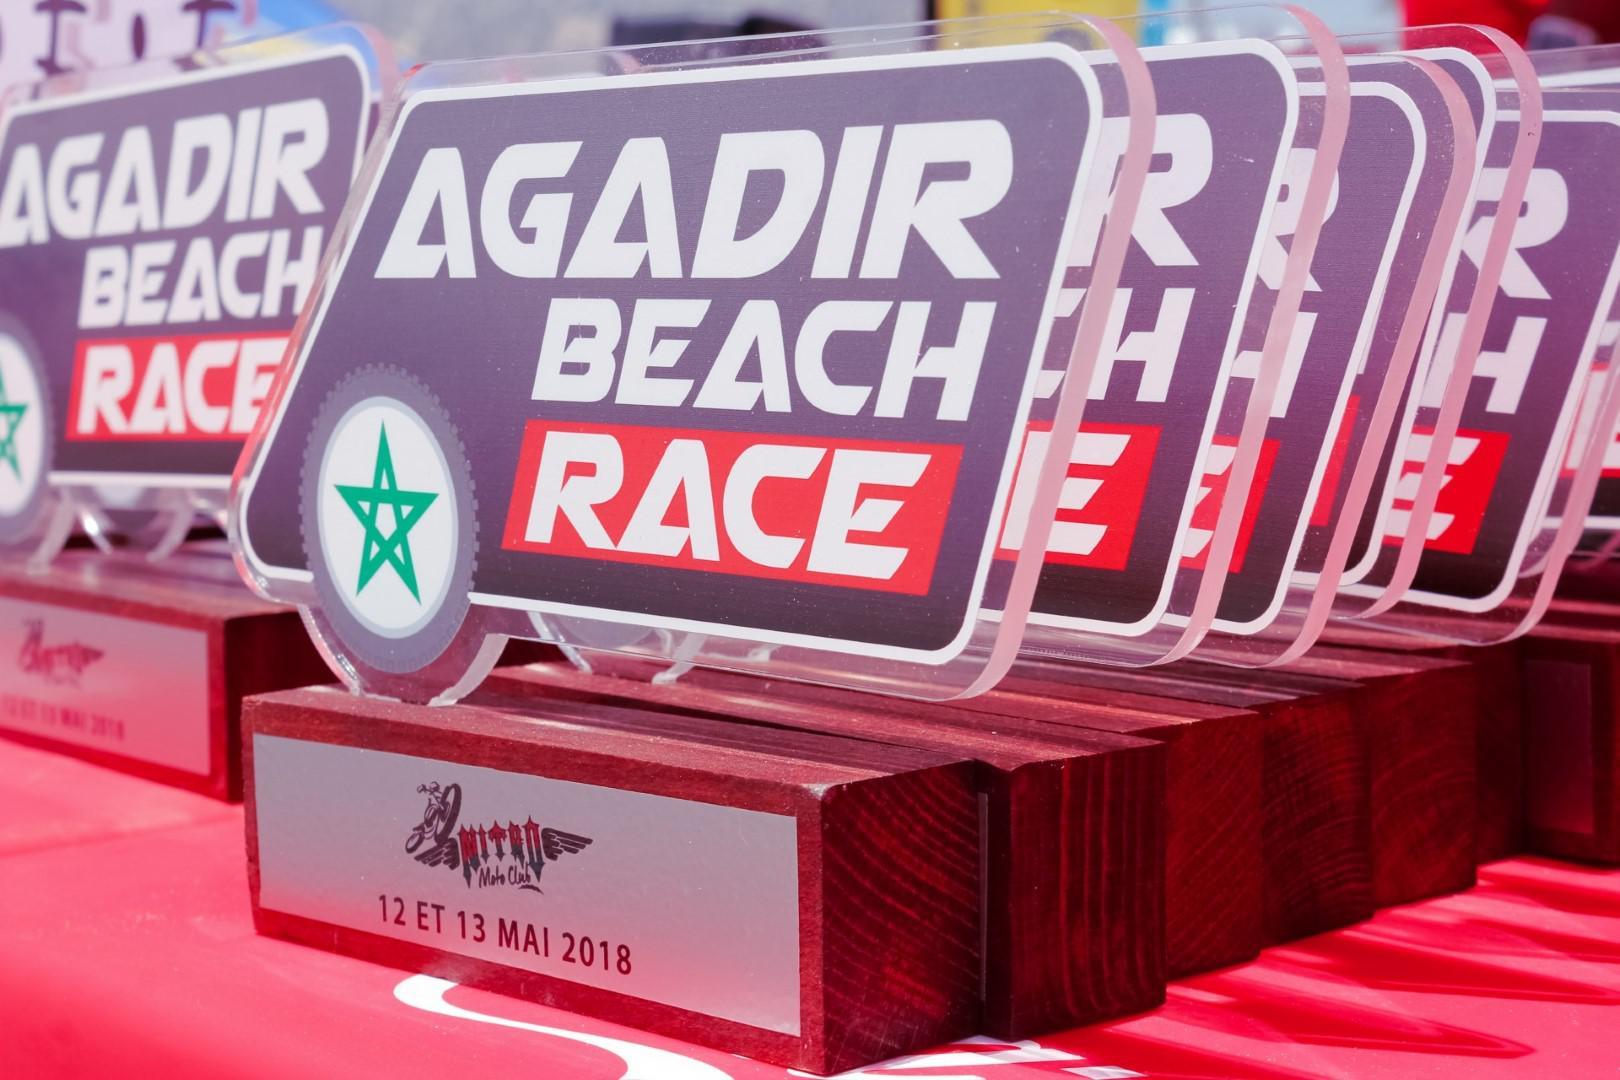 Agadir Beach Race = LA REUSSITE